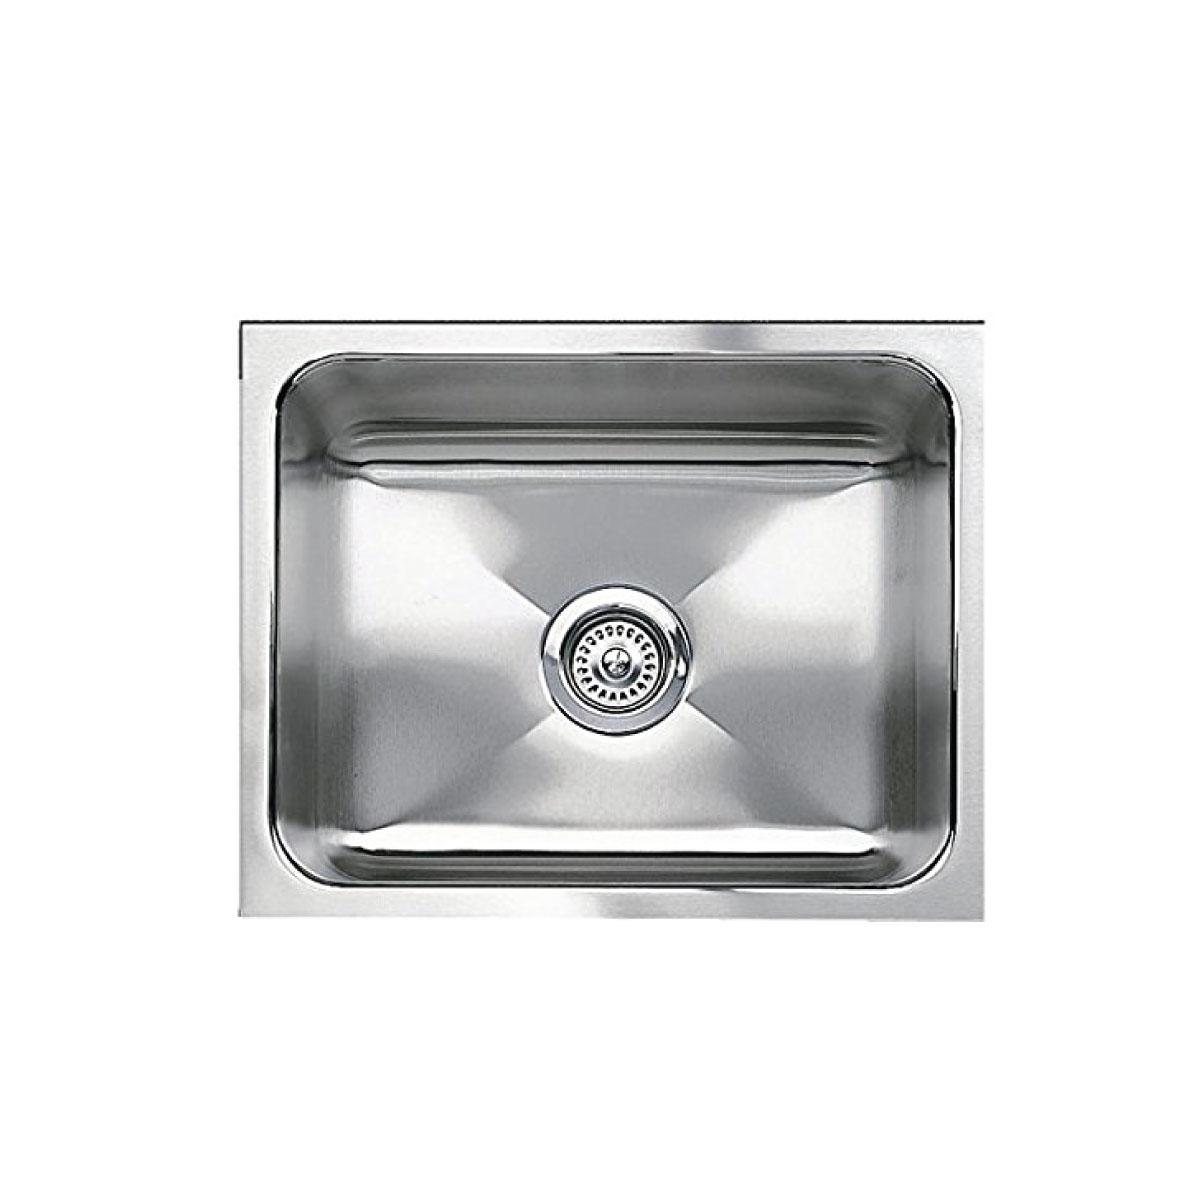 Blanco 501115 Undermount Sink